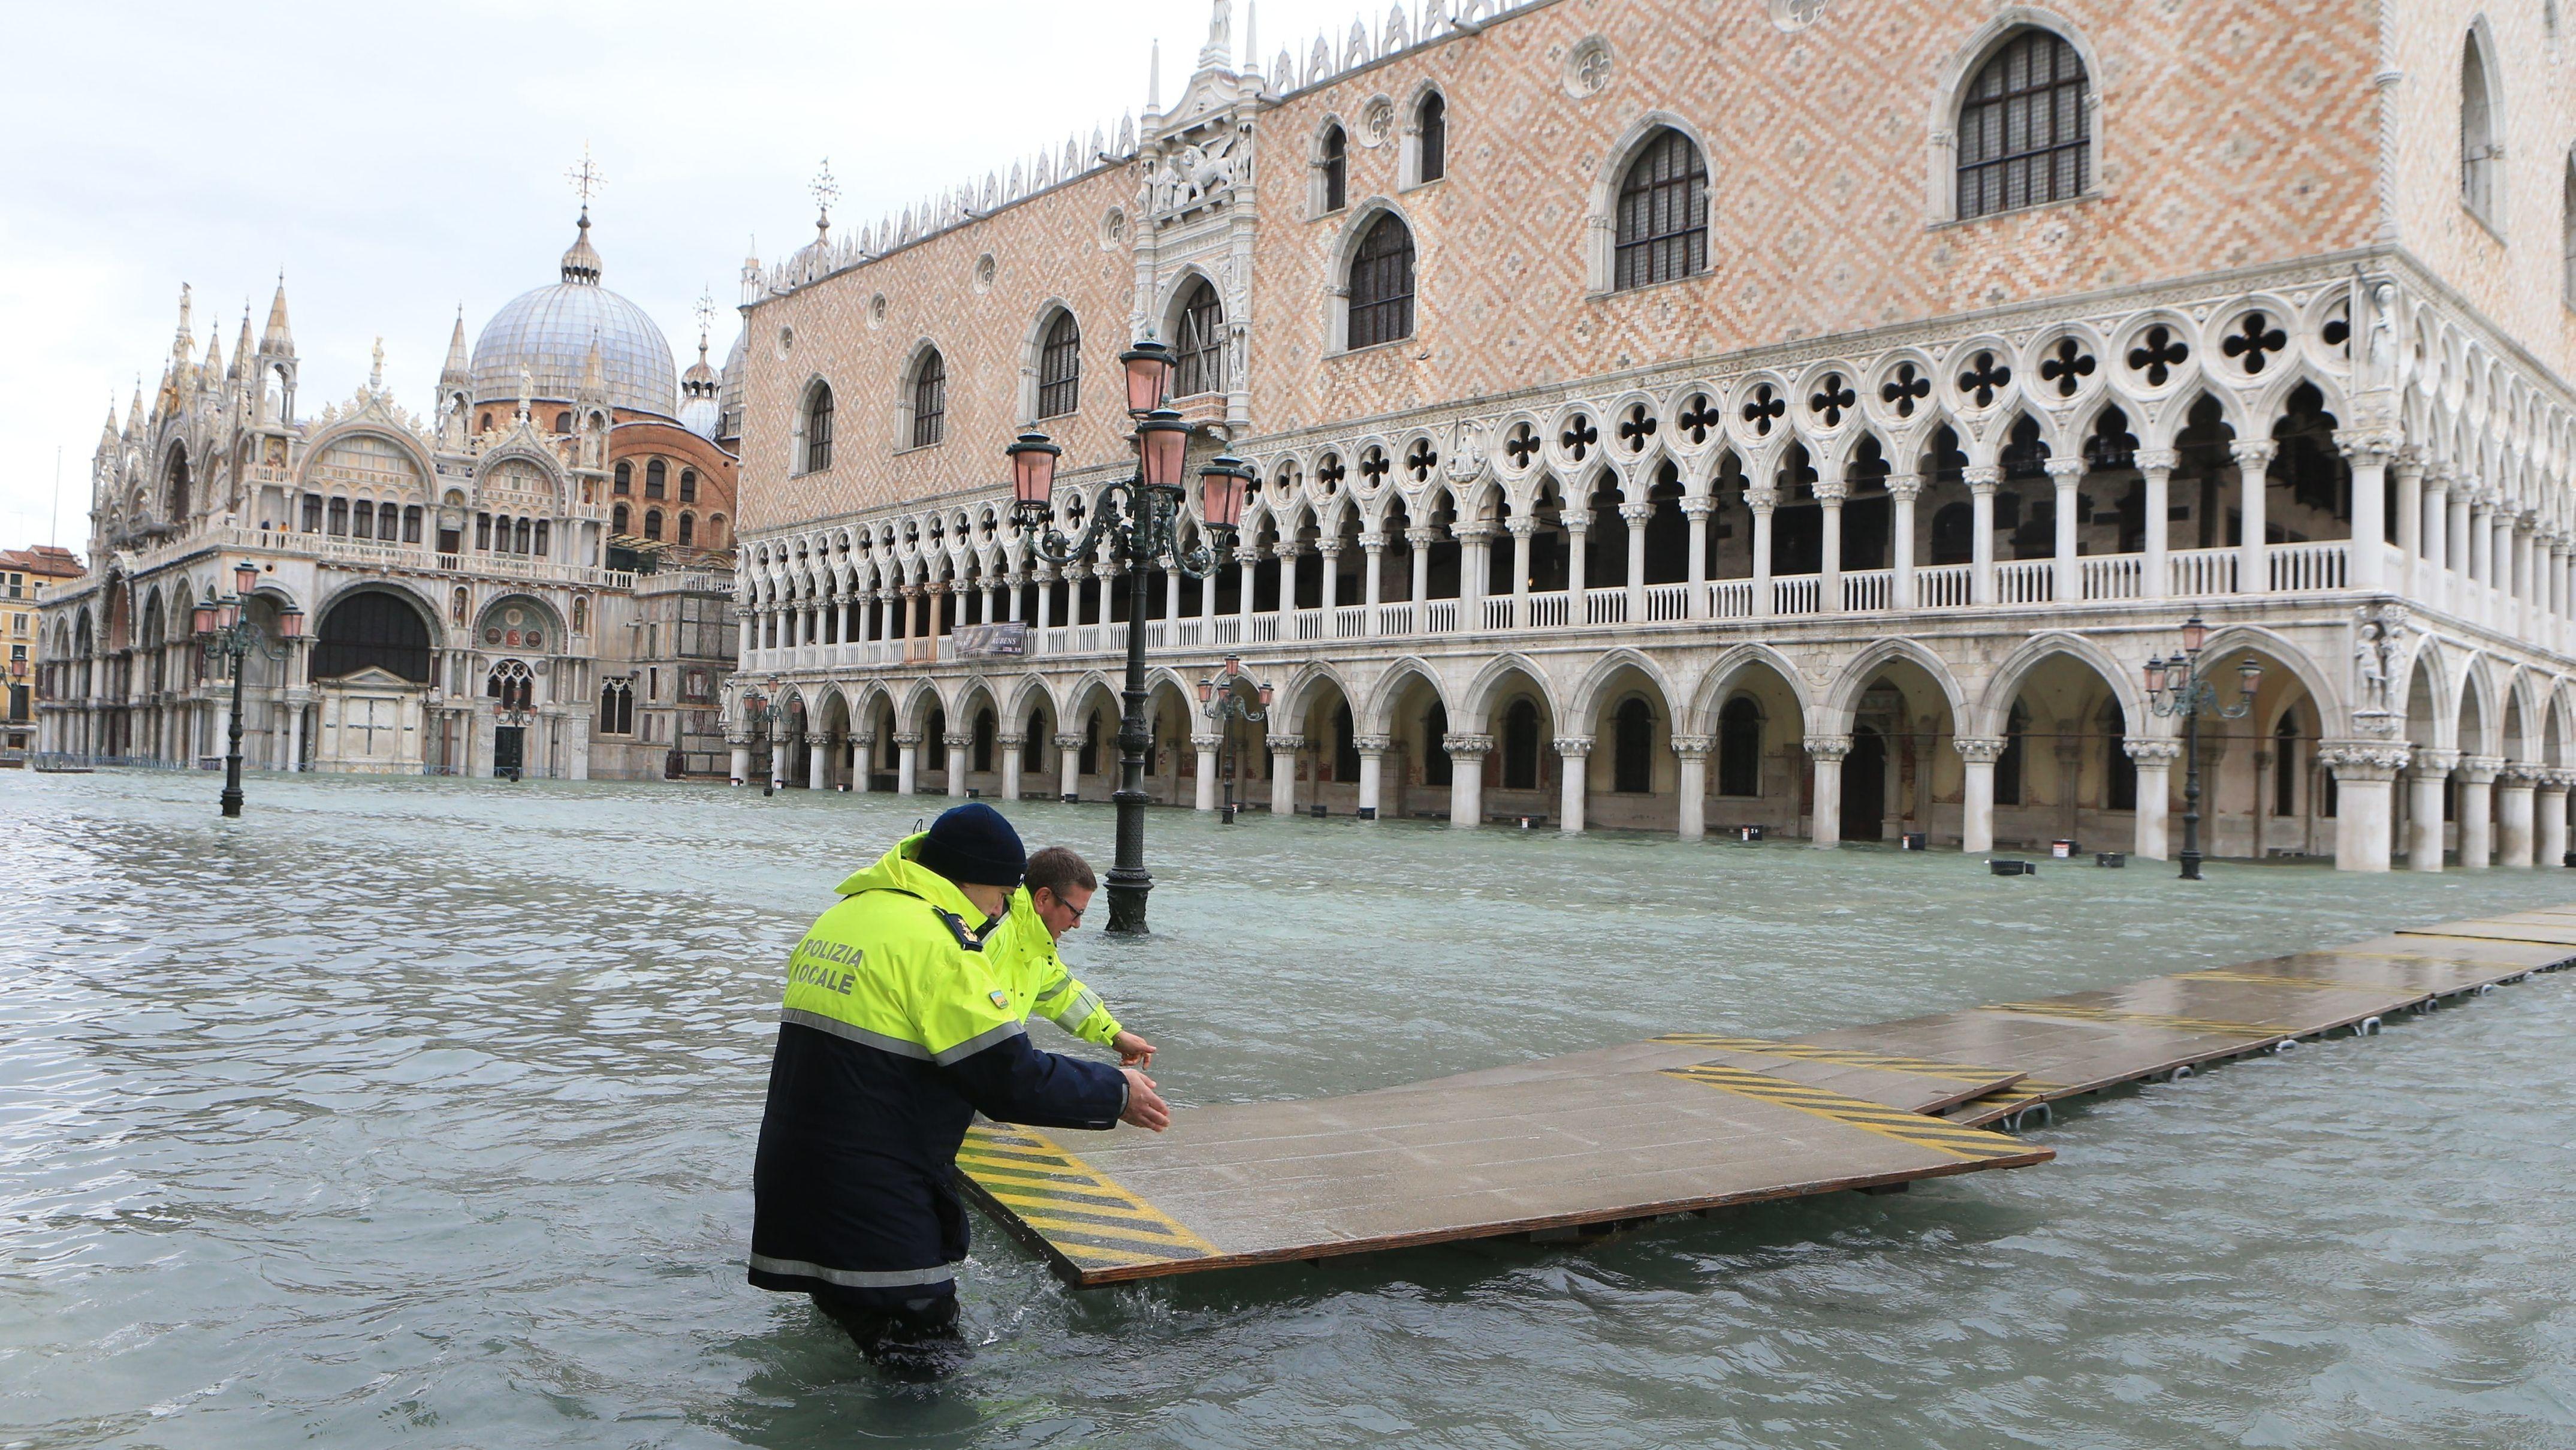 Helfer der Polizei in Venedig verlegen einen schwimmenden Übergang für Fußgänger